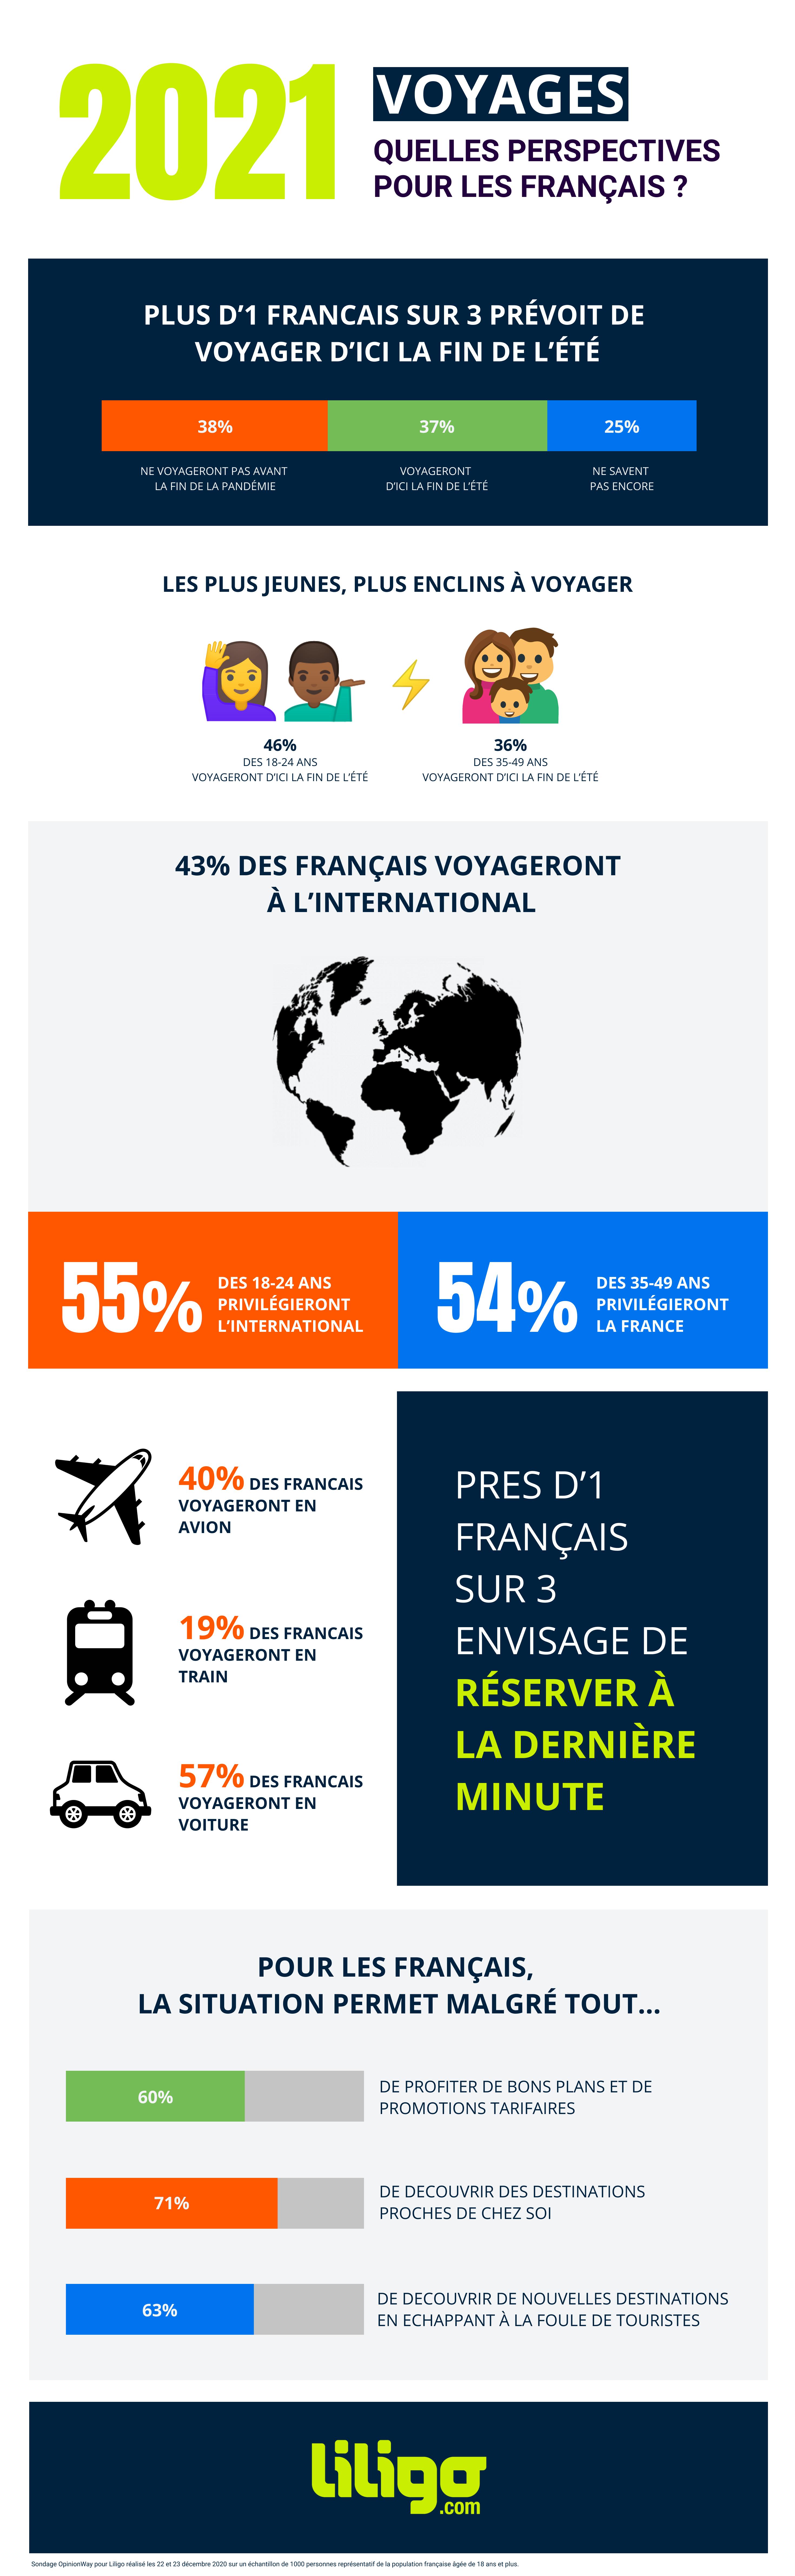 2021_Voyages_Perspectives pour les français